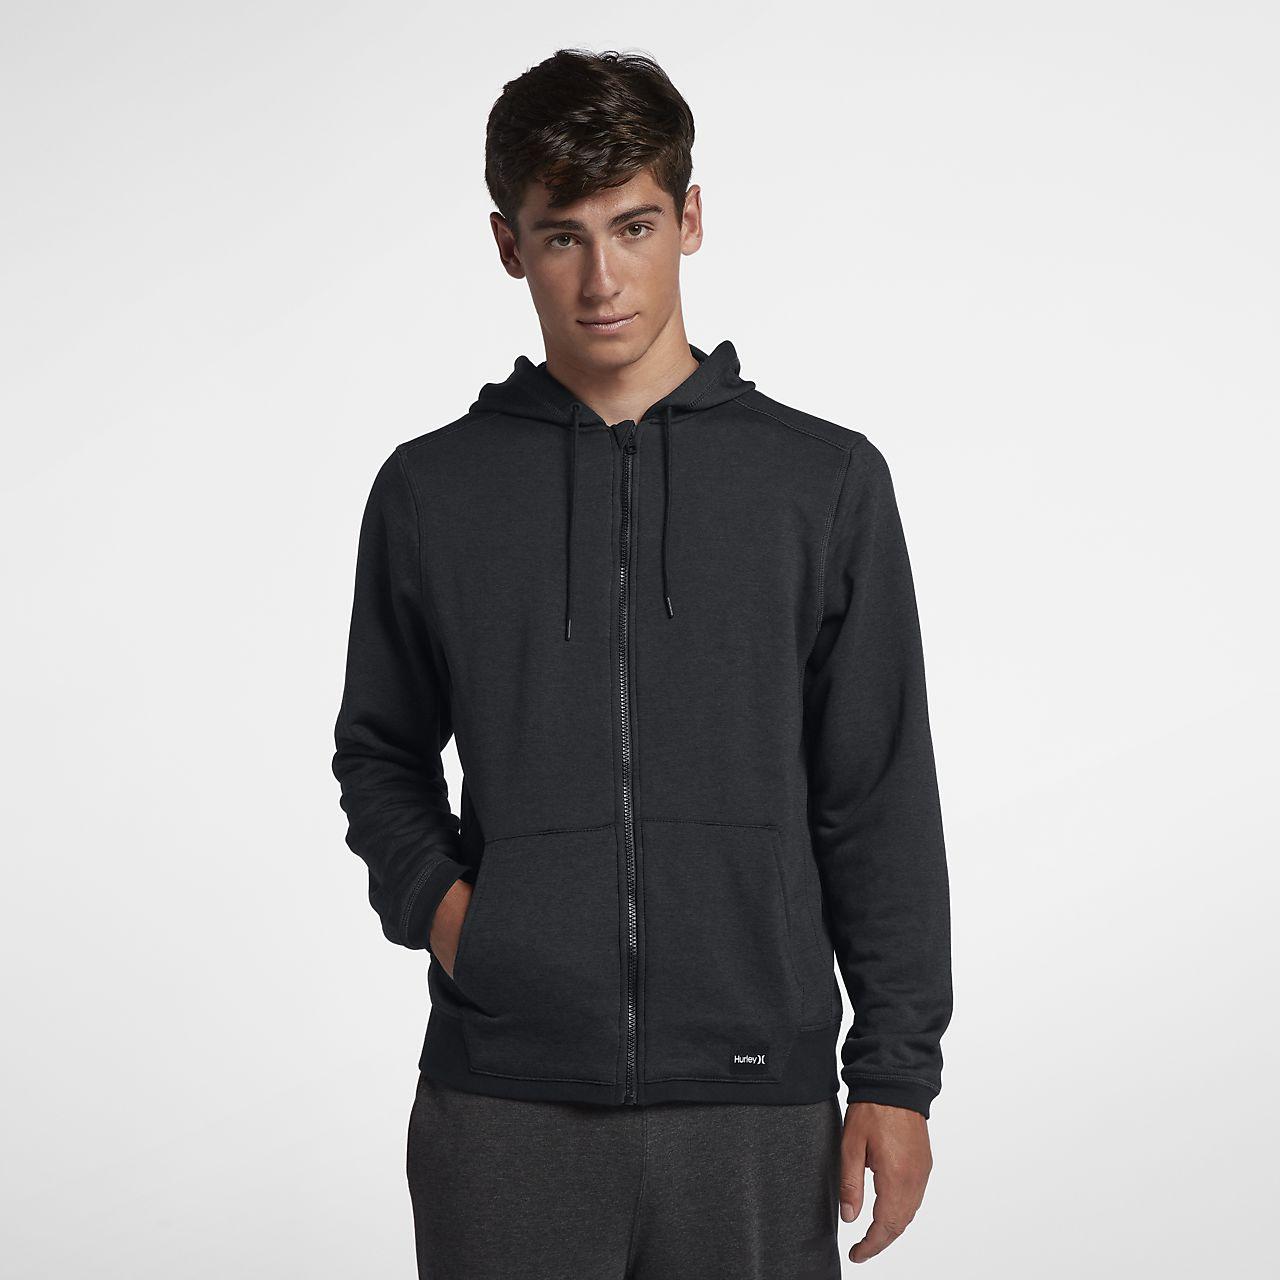 8abd35e0cd Hurley Dri-FIT Disperse hosszú cipzáras férfi kapucnis pulóver. Nike ...